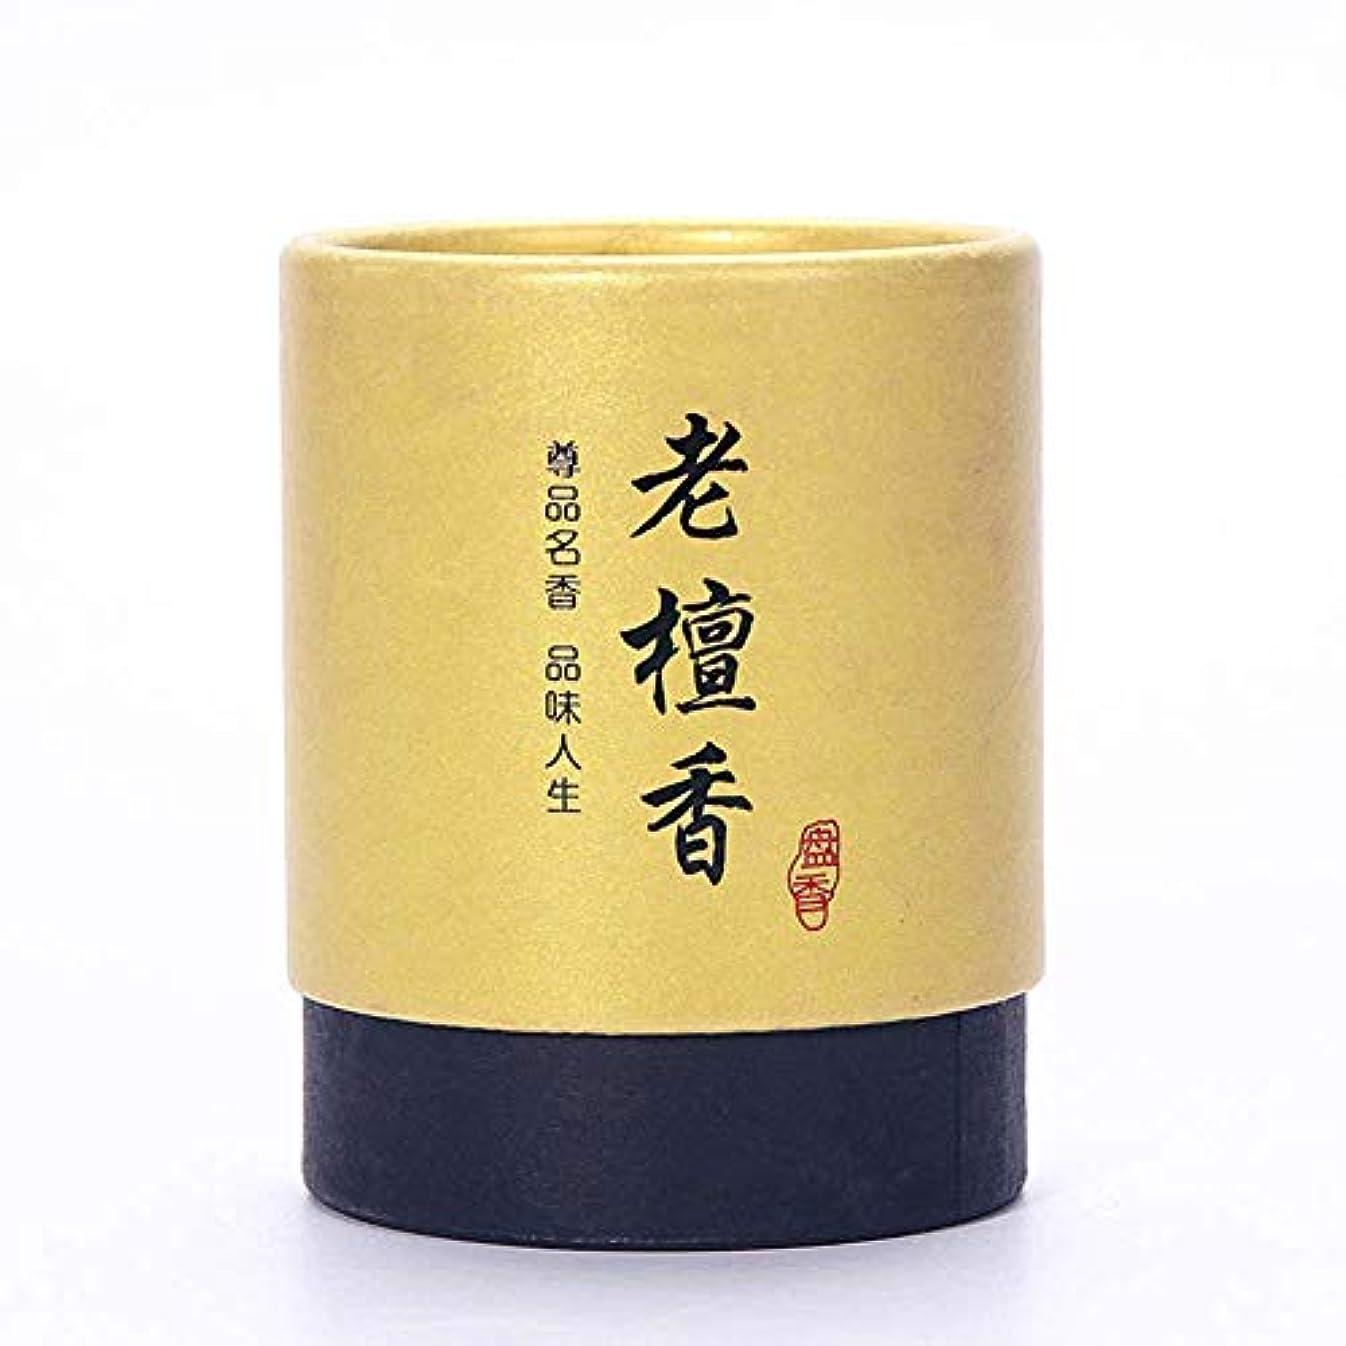 いろいろセットする雄弁家HwaGui お香 ビャクダン 2時間 盤香 渦巻き線香 優しい香り 48巻入 (老い檀香)